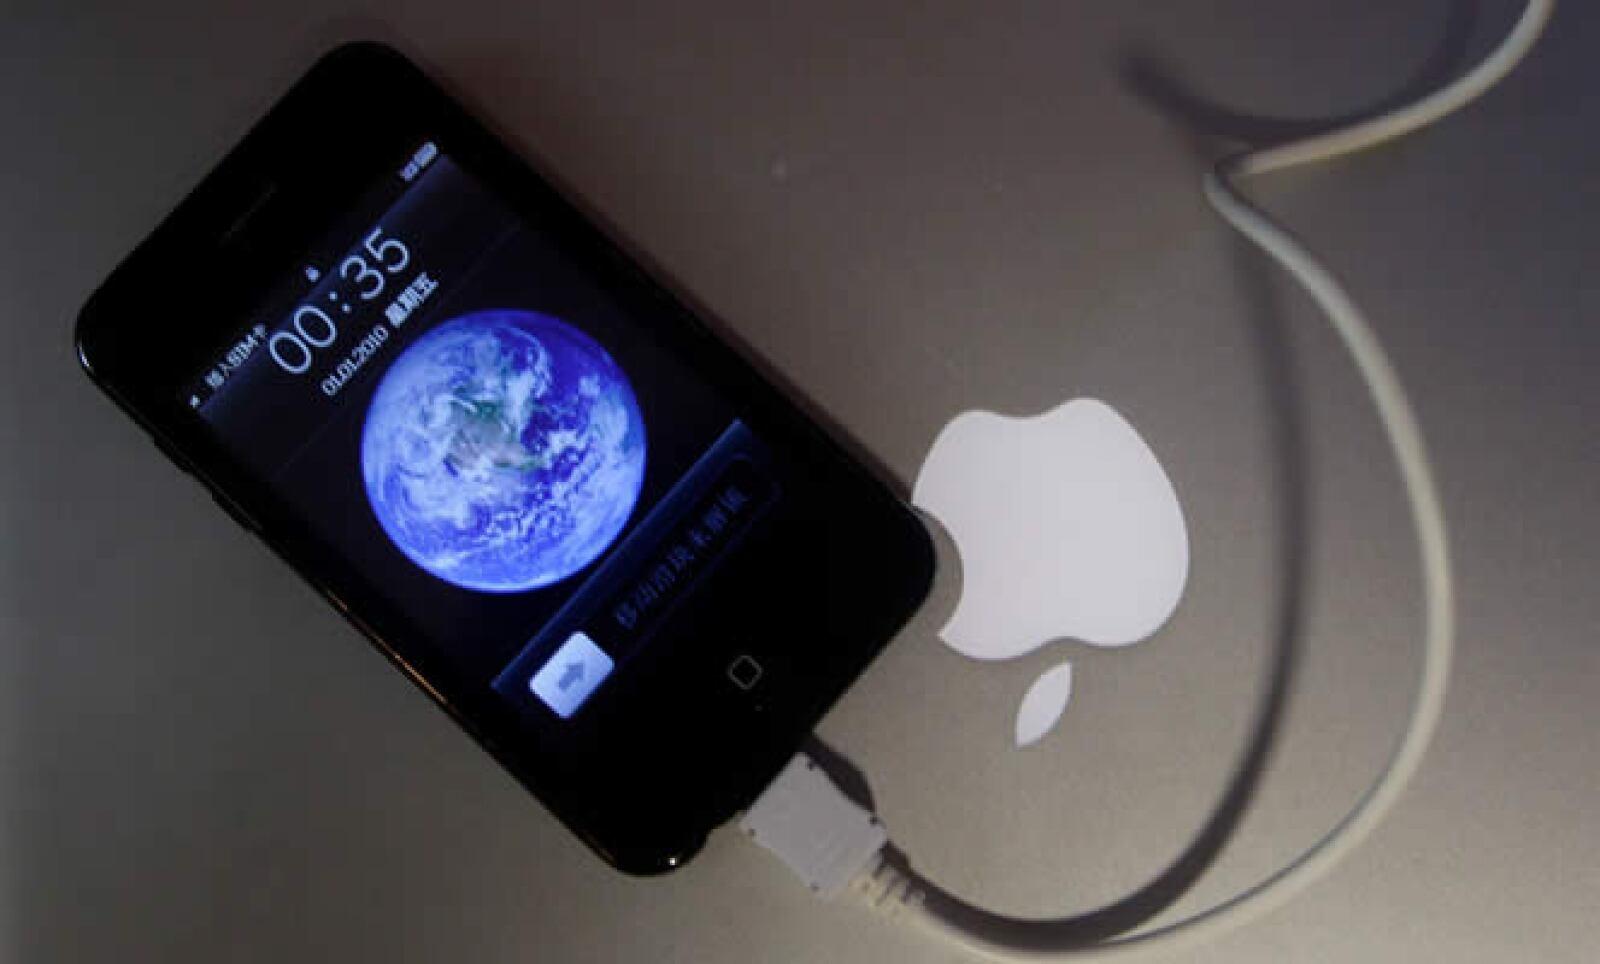 La tienda que denunció una bloguera estadounidense no fue cerrada, pues espera la licencia de Apple para vender, dijo el Gobierno.